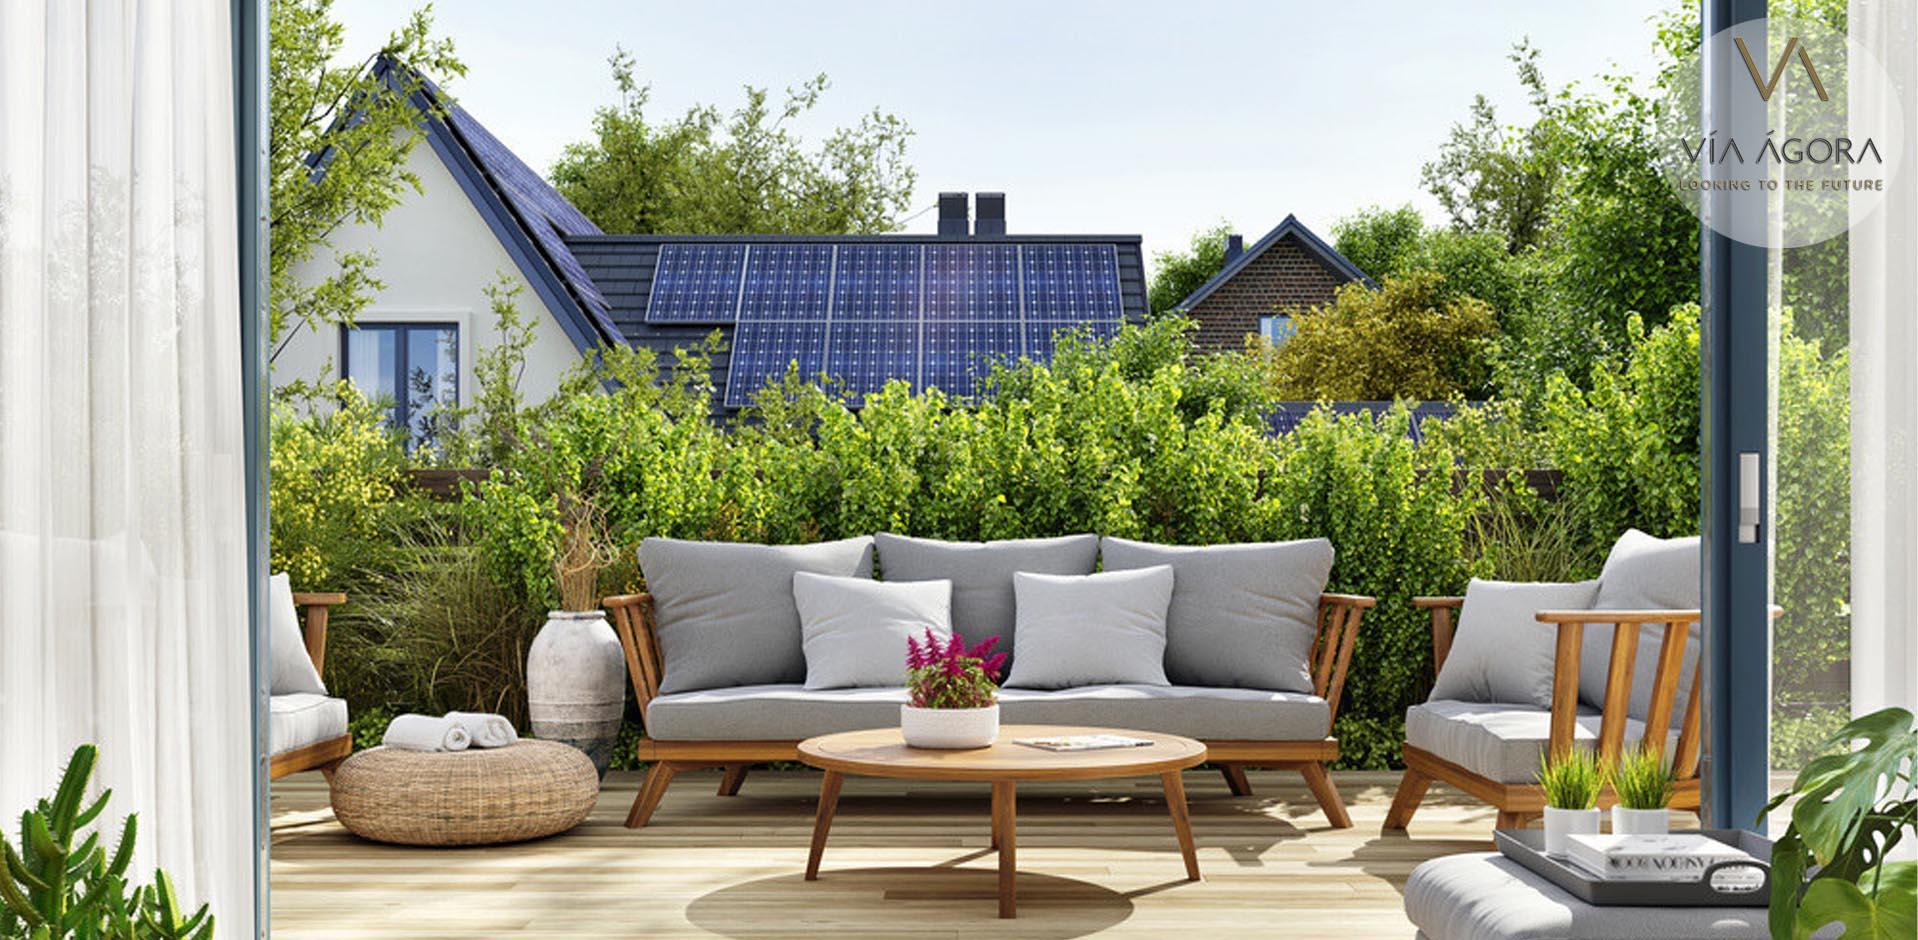 vivienda-terraza-jardin-via-agora